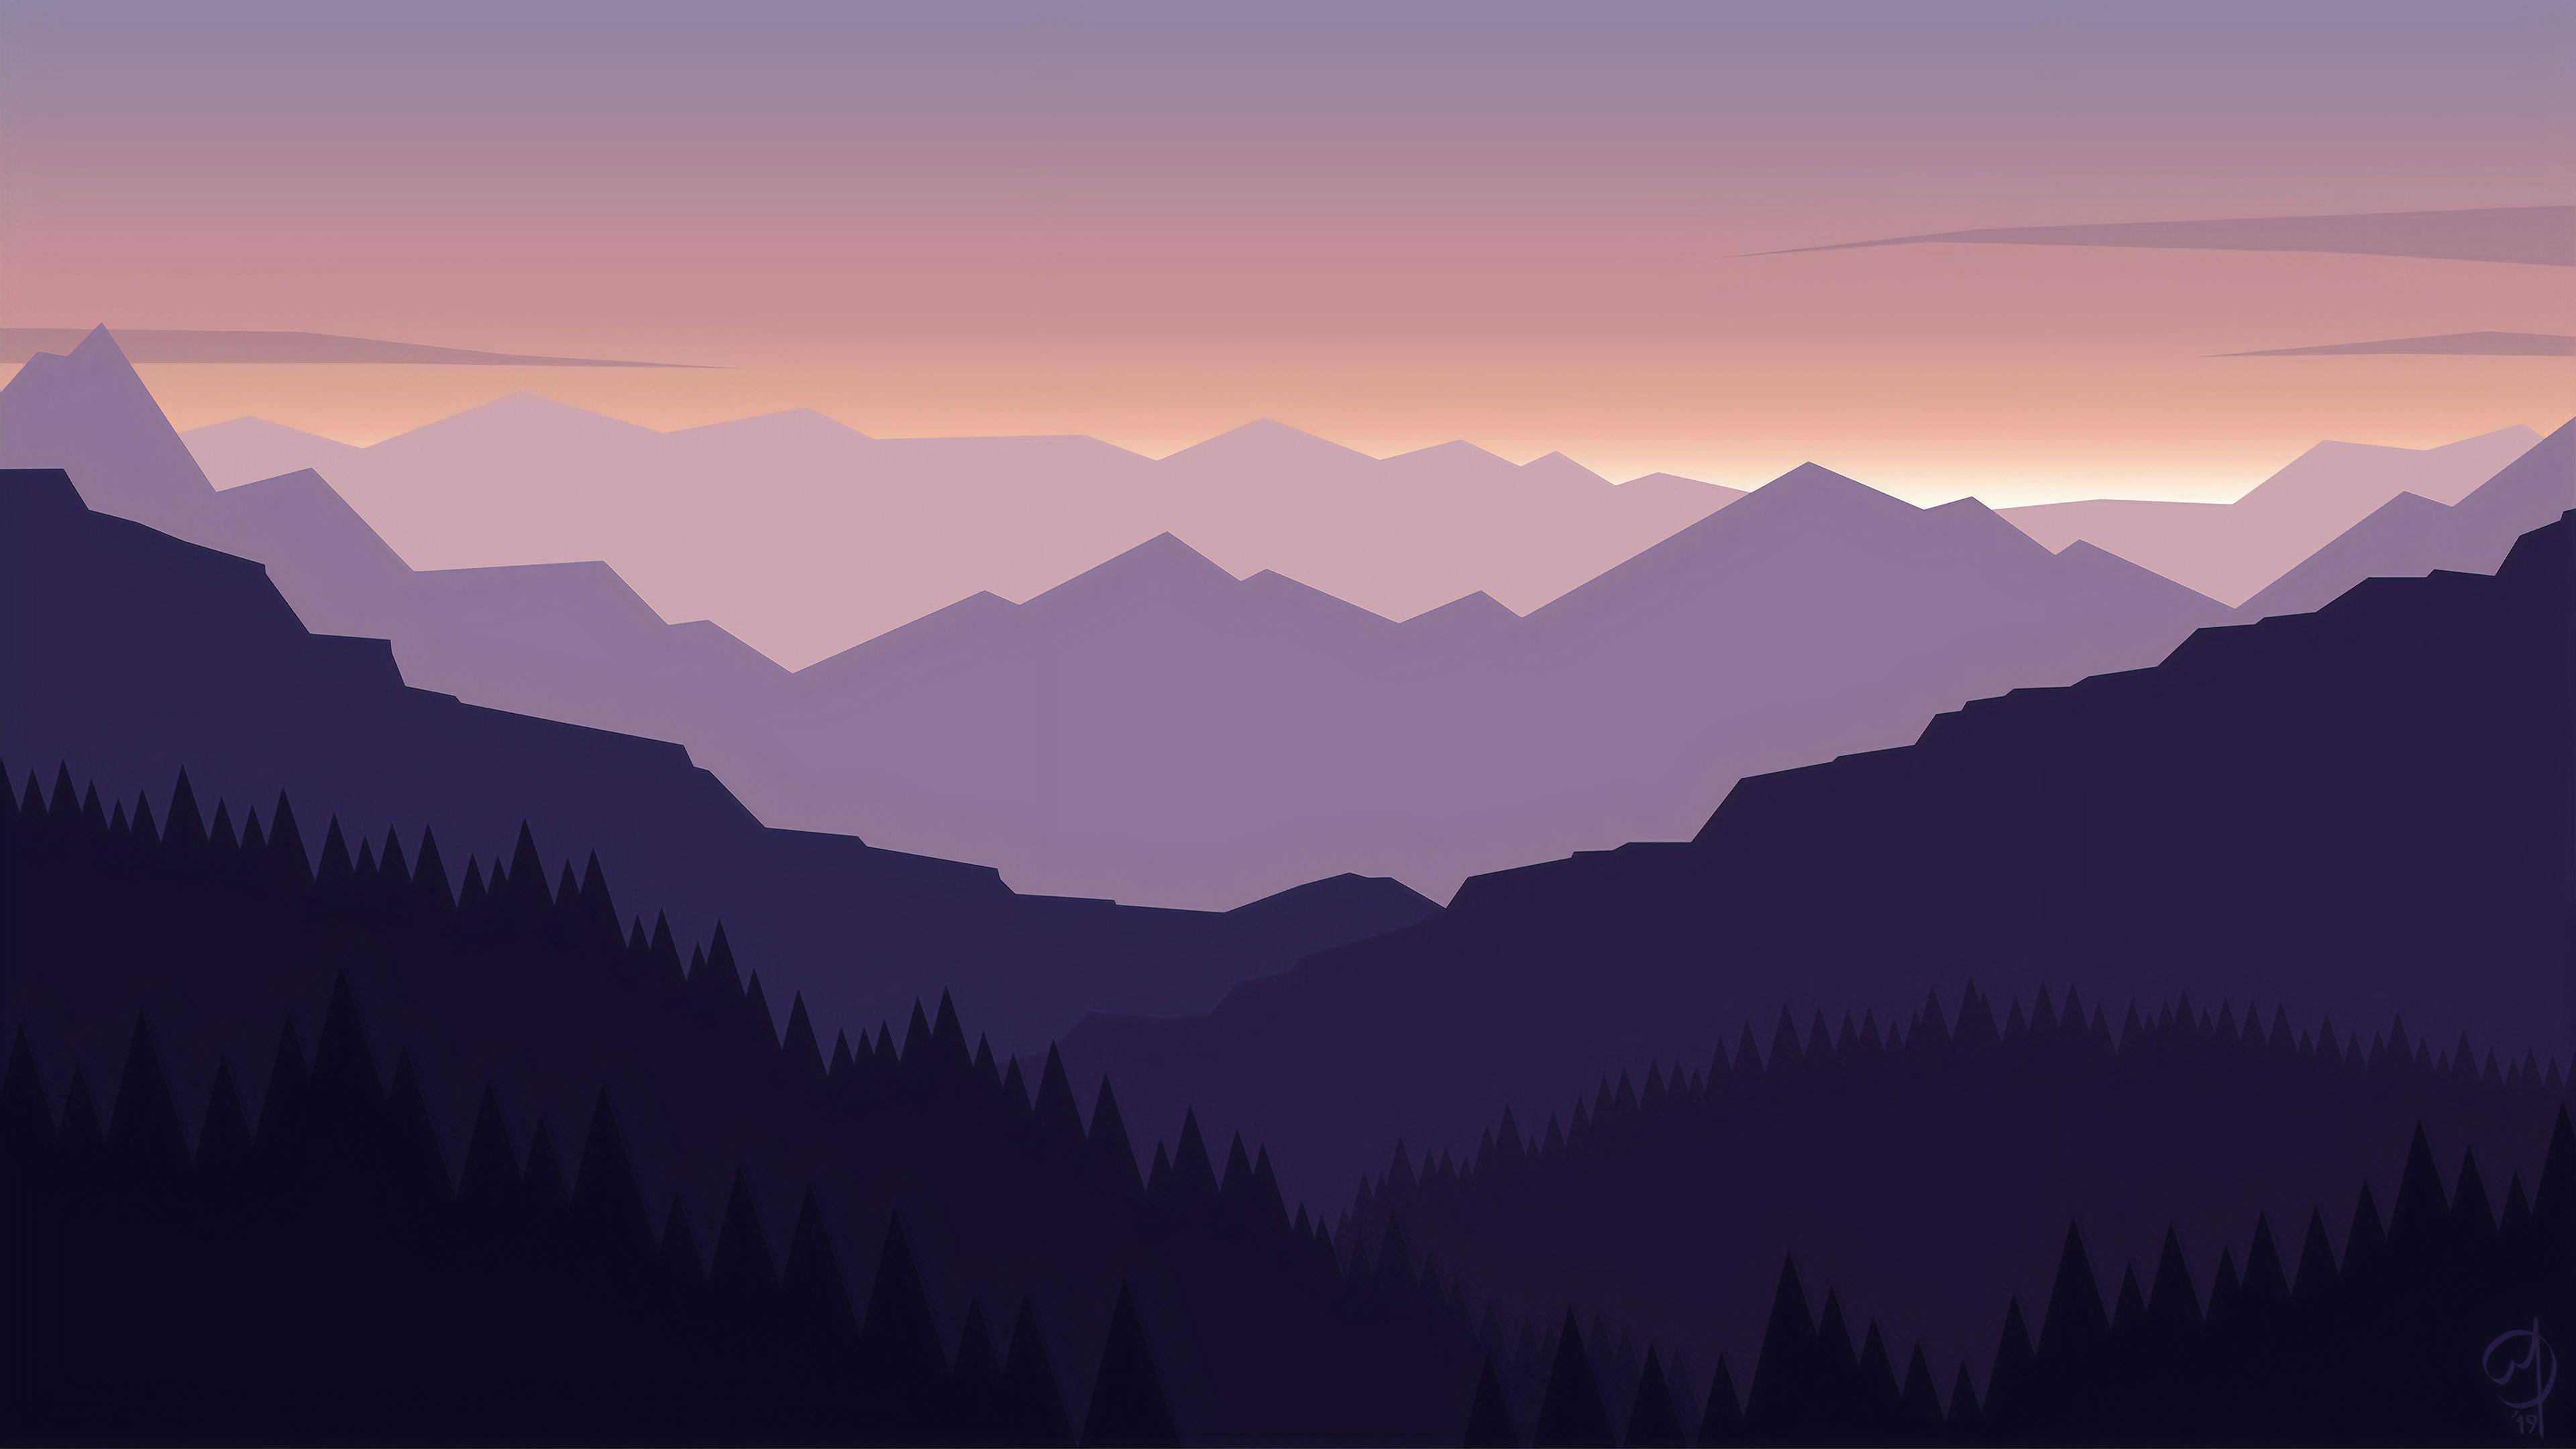 Minimal Landscape 4k, HD Artist, 4k Wallpapers, Images ...